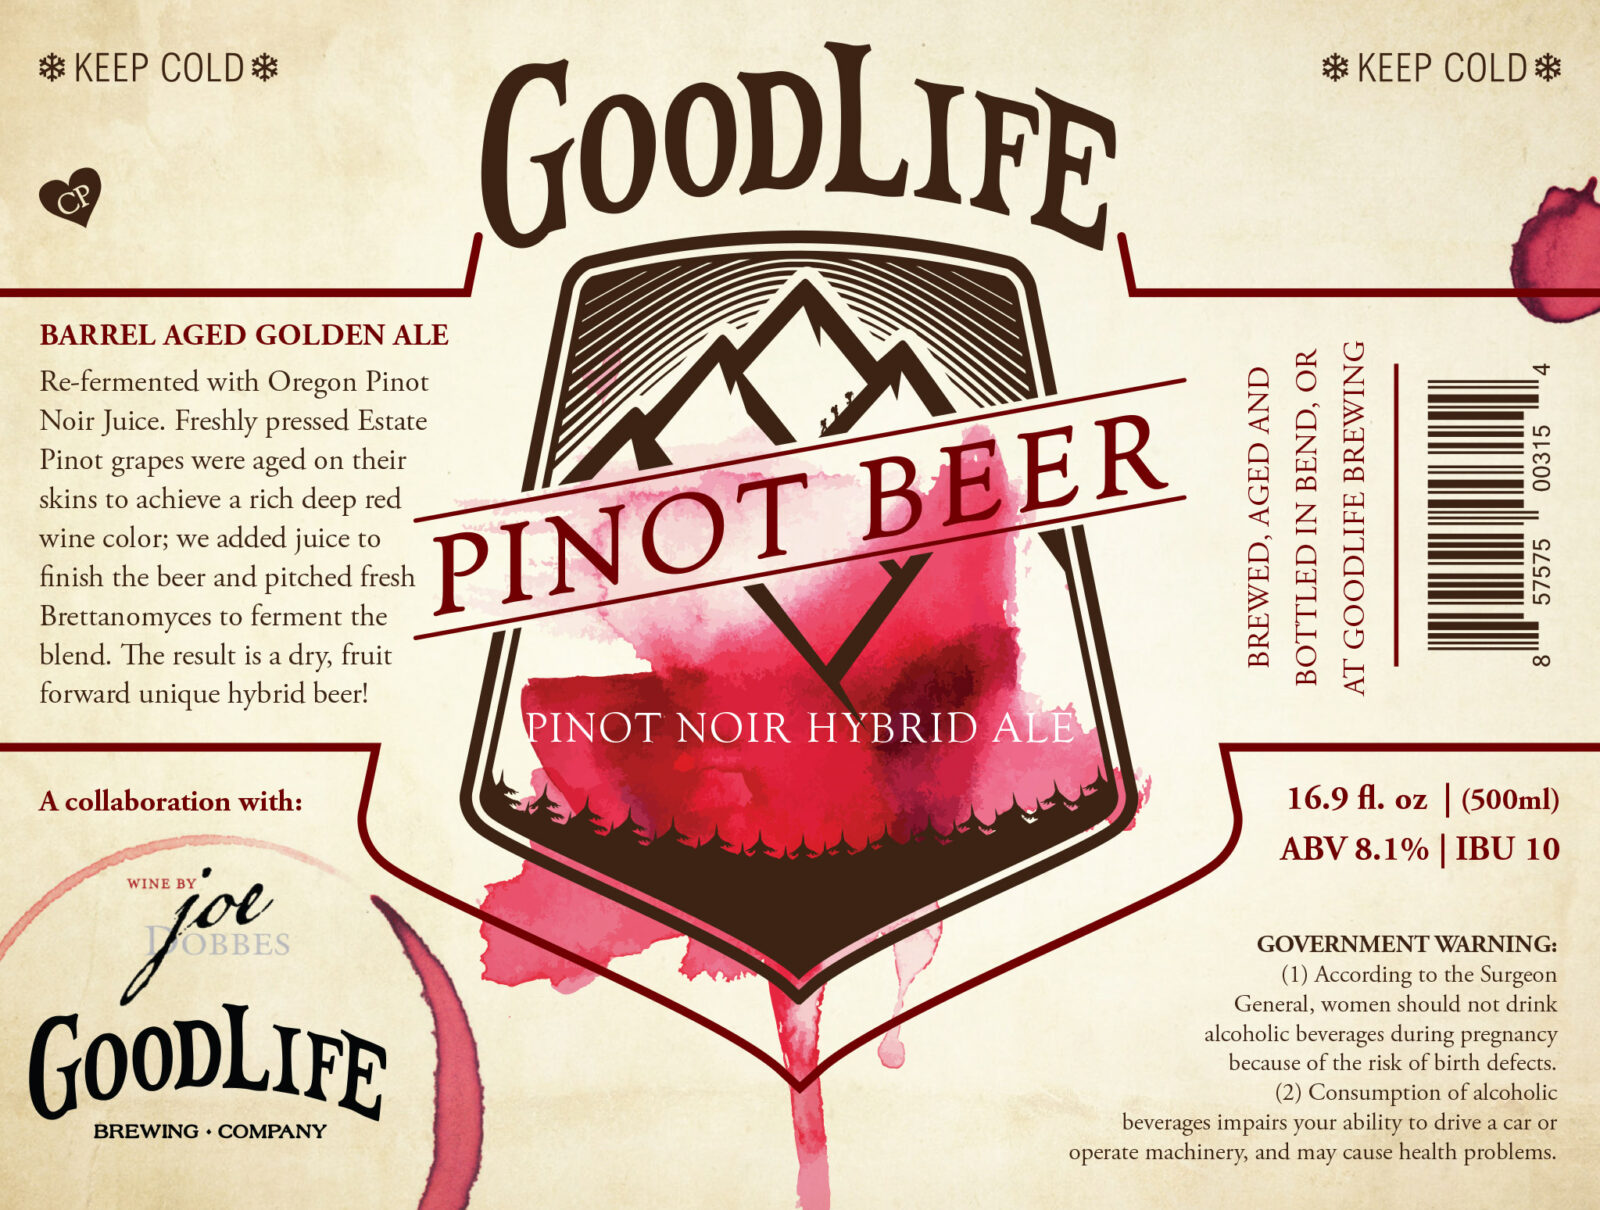 Goodlife Pinot Beer